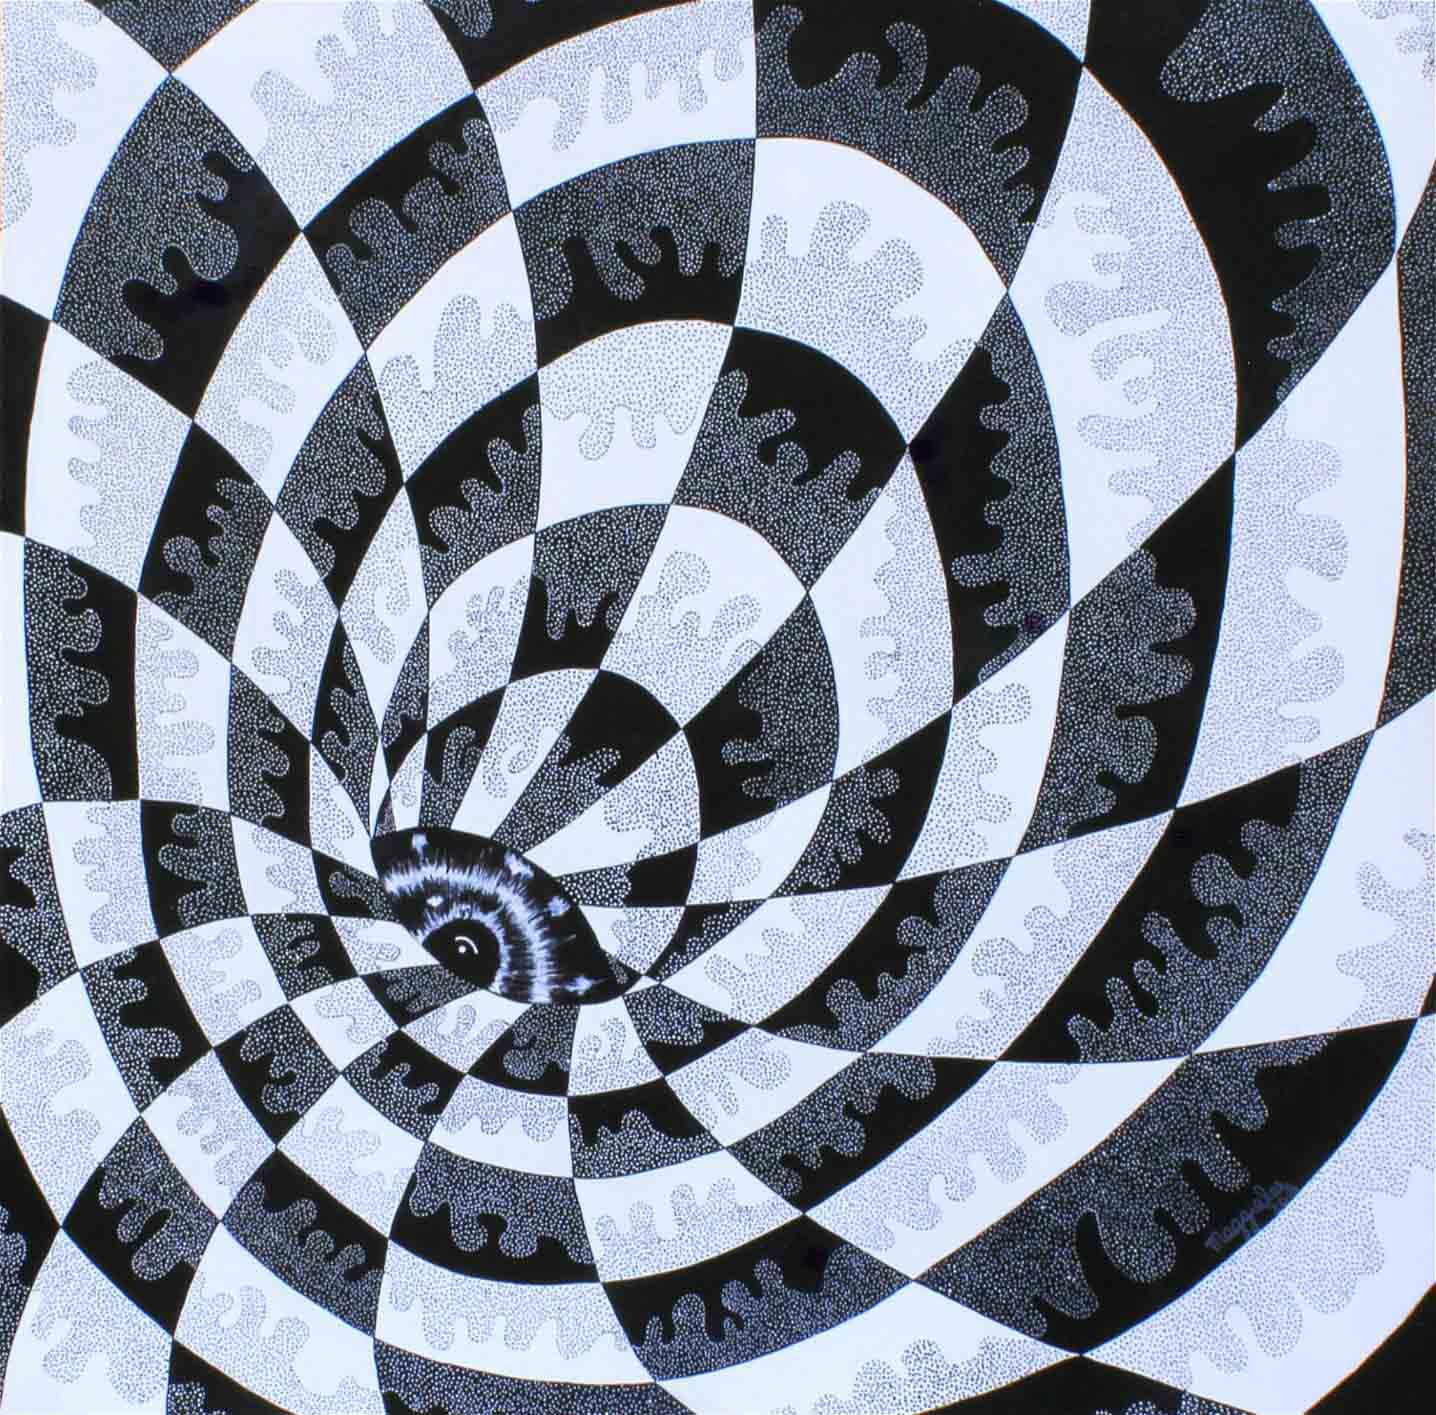 Hollow Eye-paintings